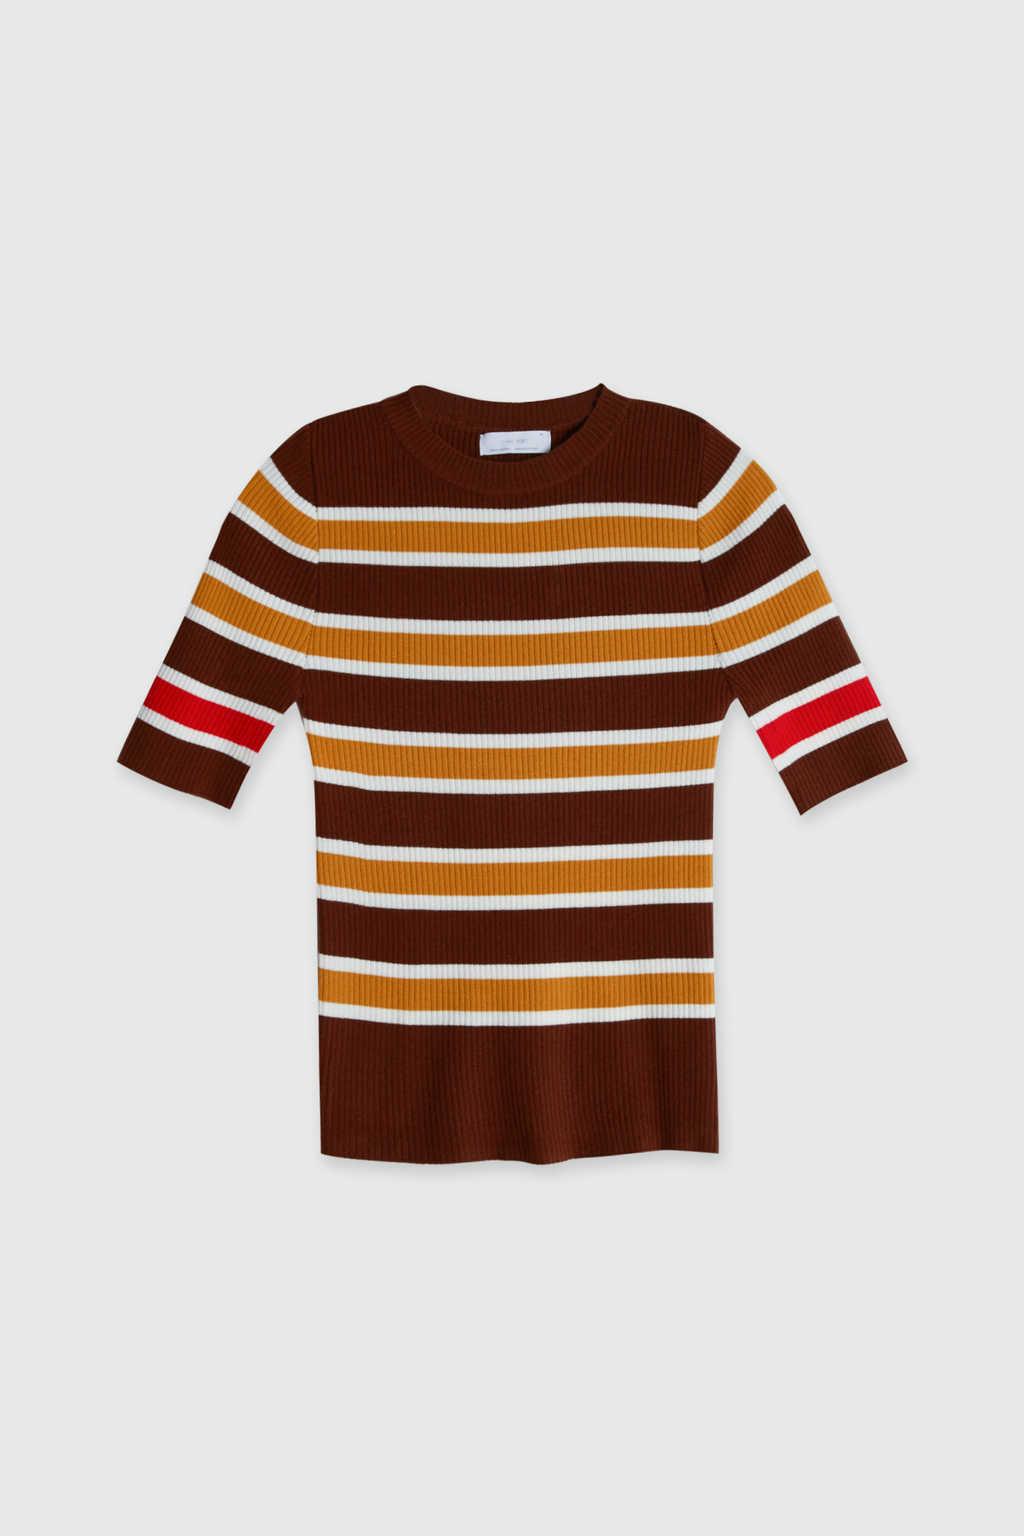 TShirt J006 Brown 7